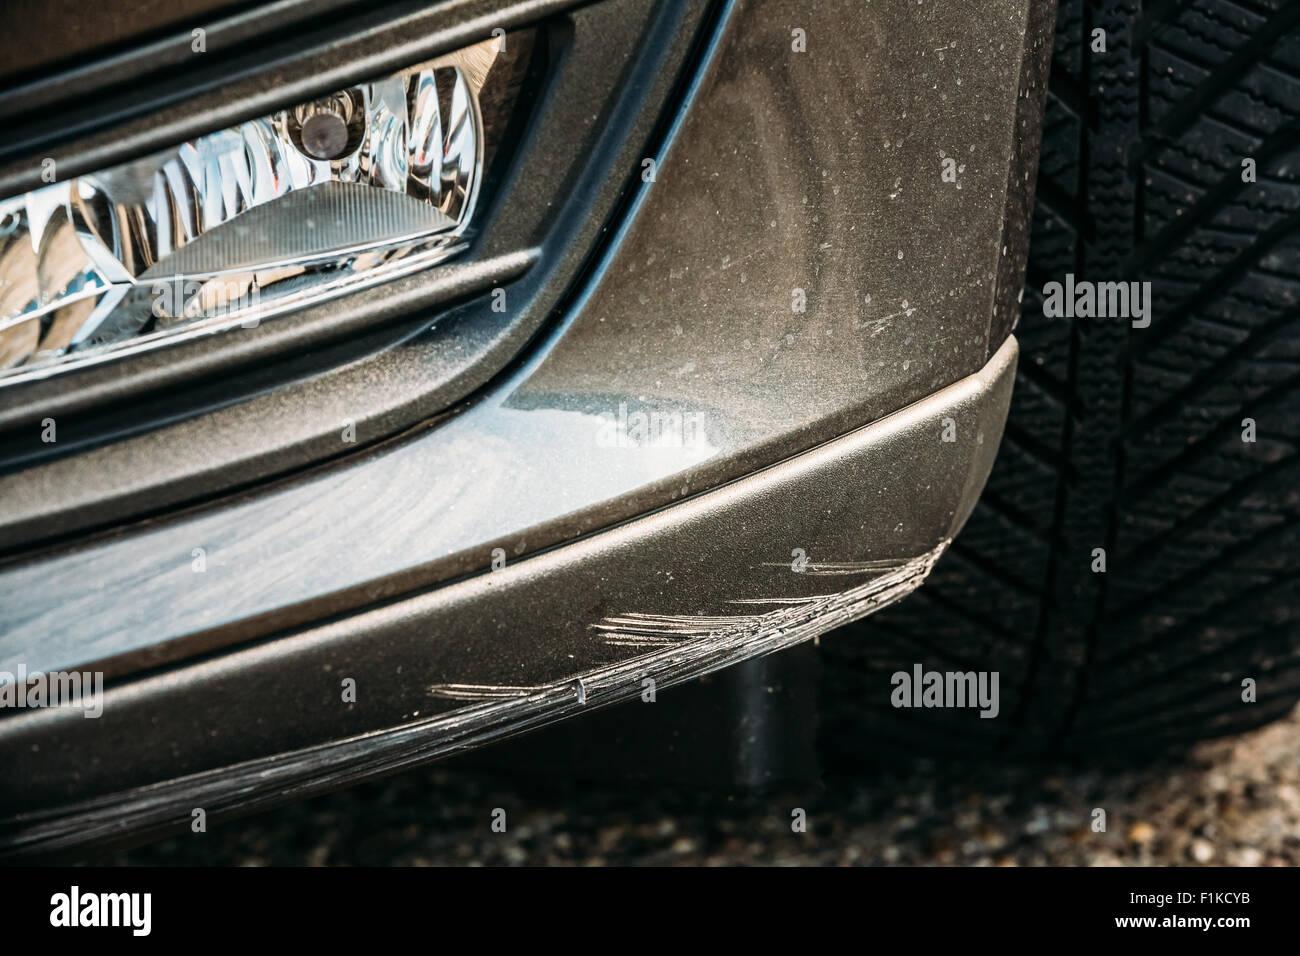 Car Paint Damage Stock Photos & Car Paint Damage Stock